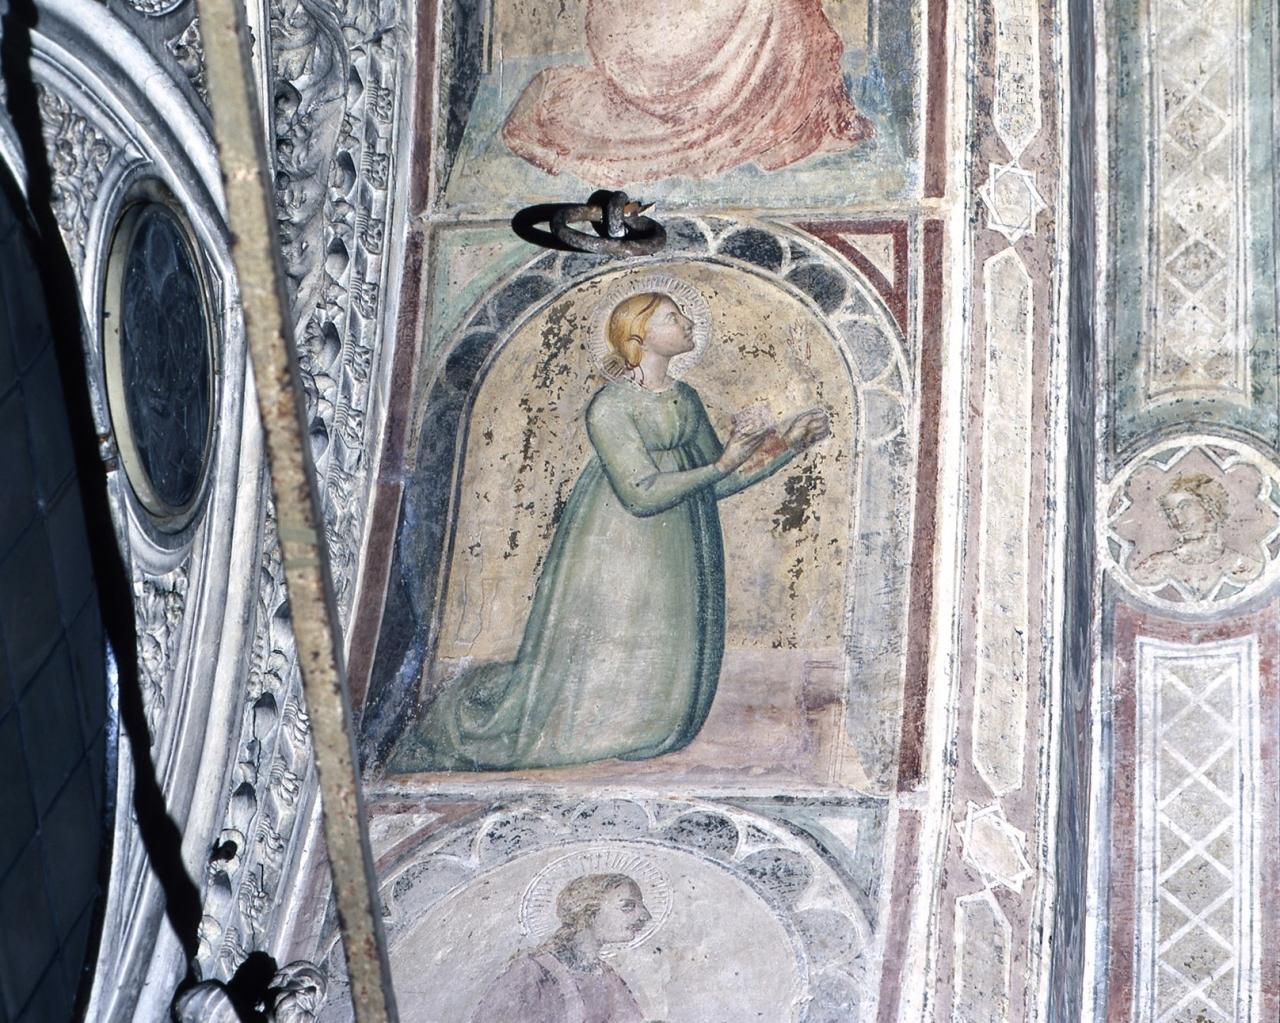 Santa Dorotea (dipinto murale) - scuola fiorentina (fine/ inizio secc. XIV/ XV)